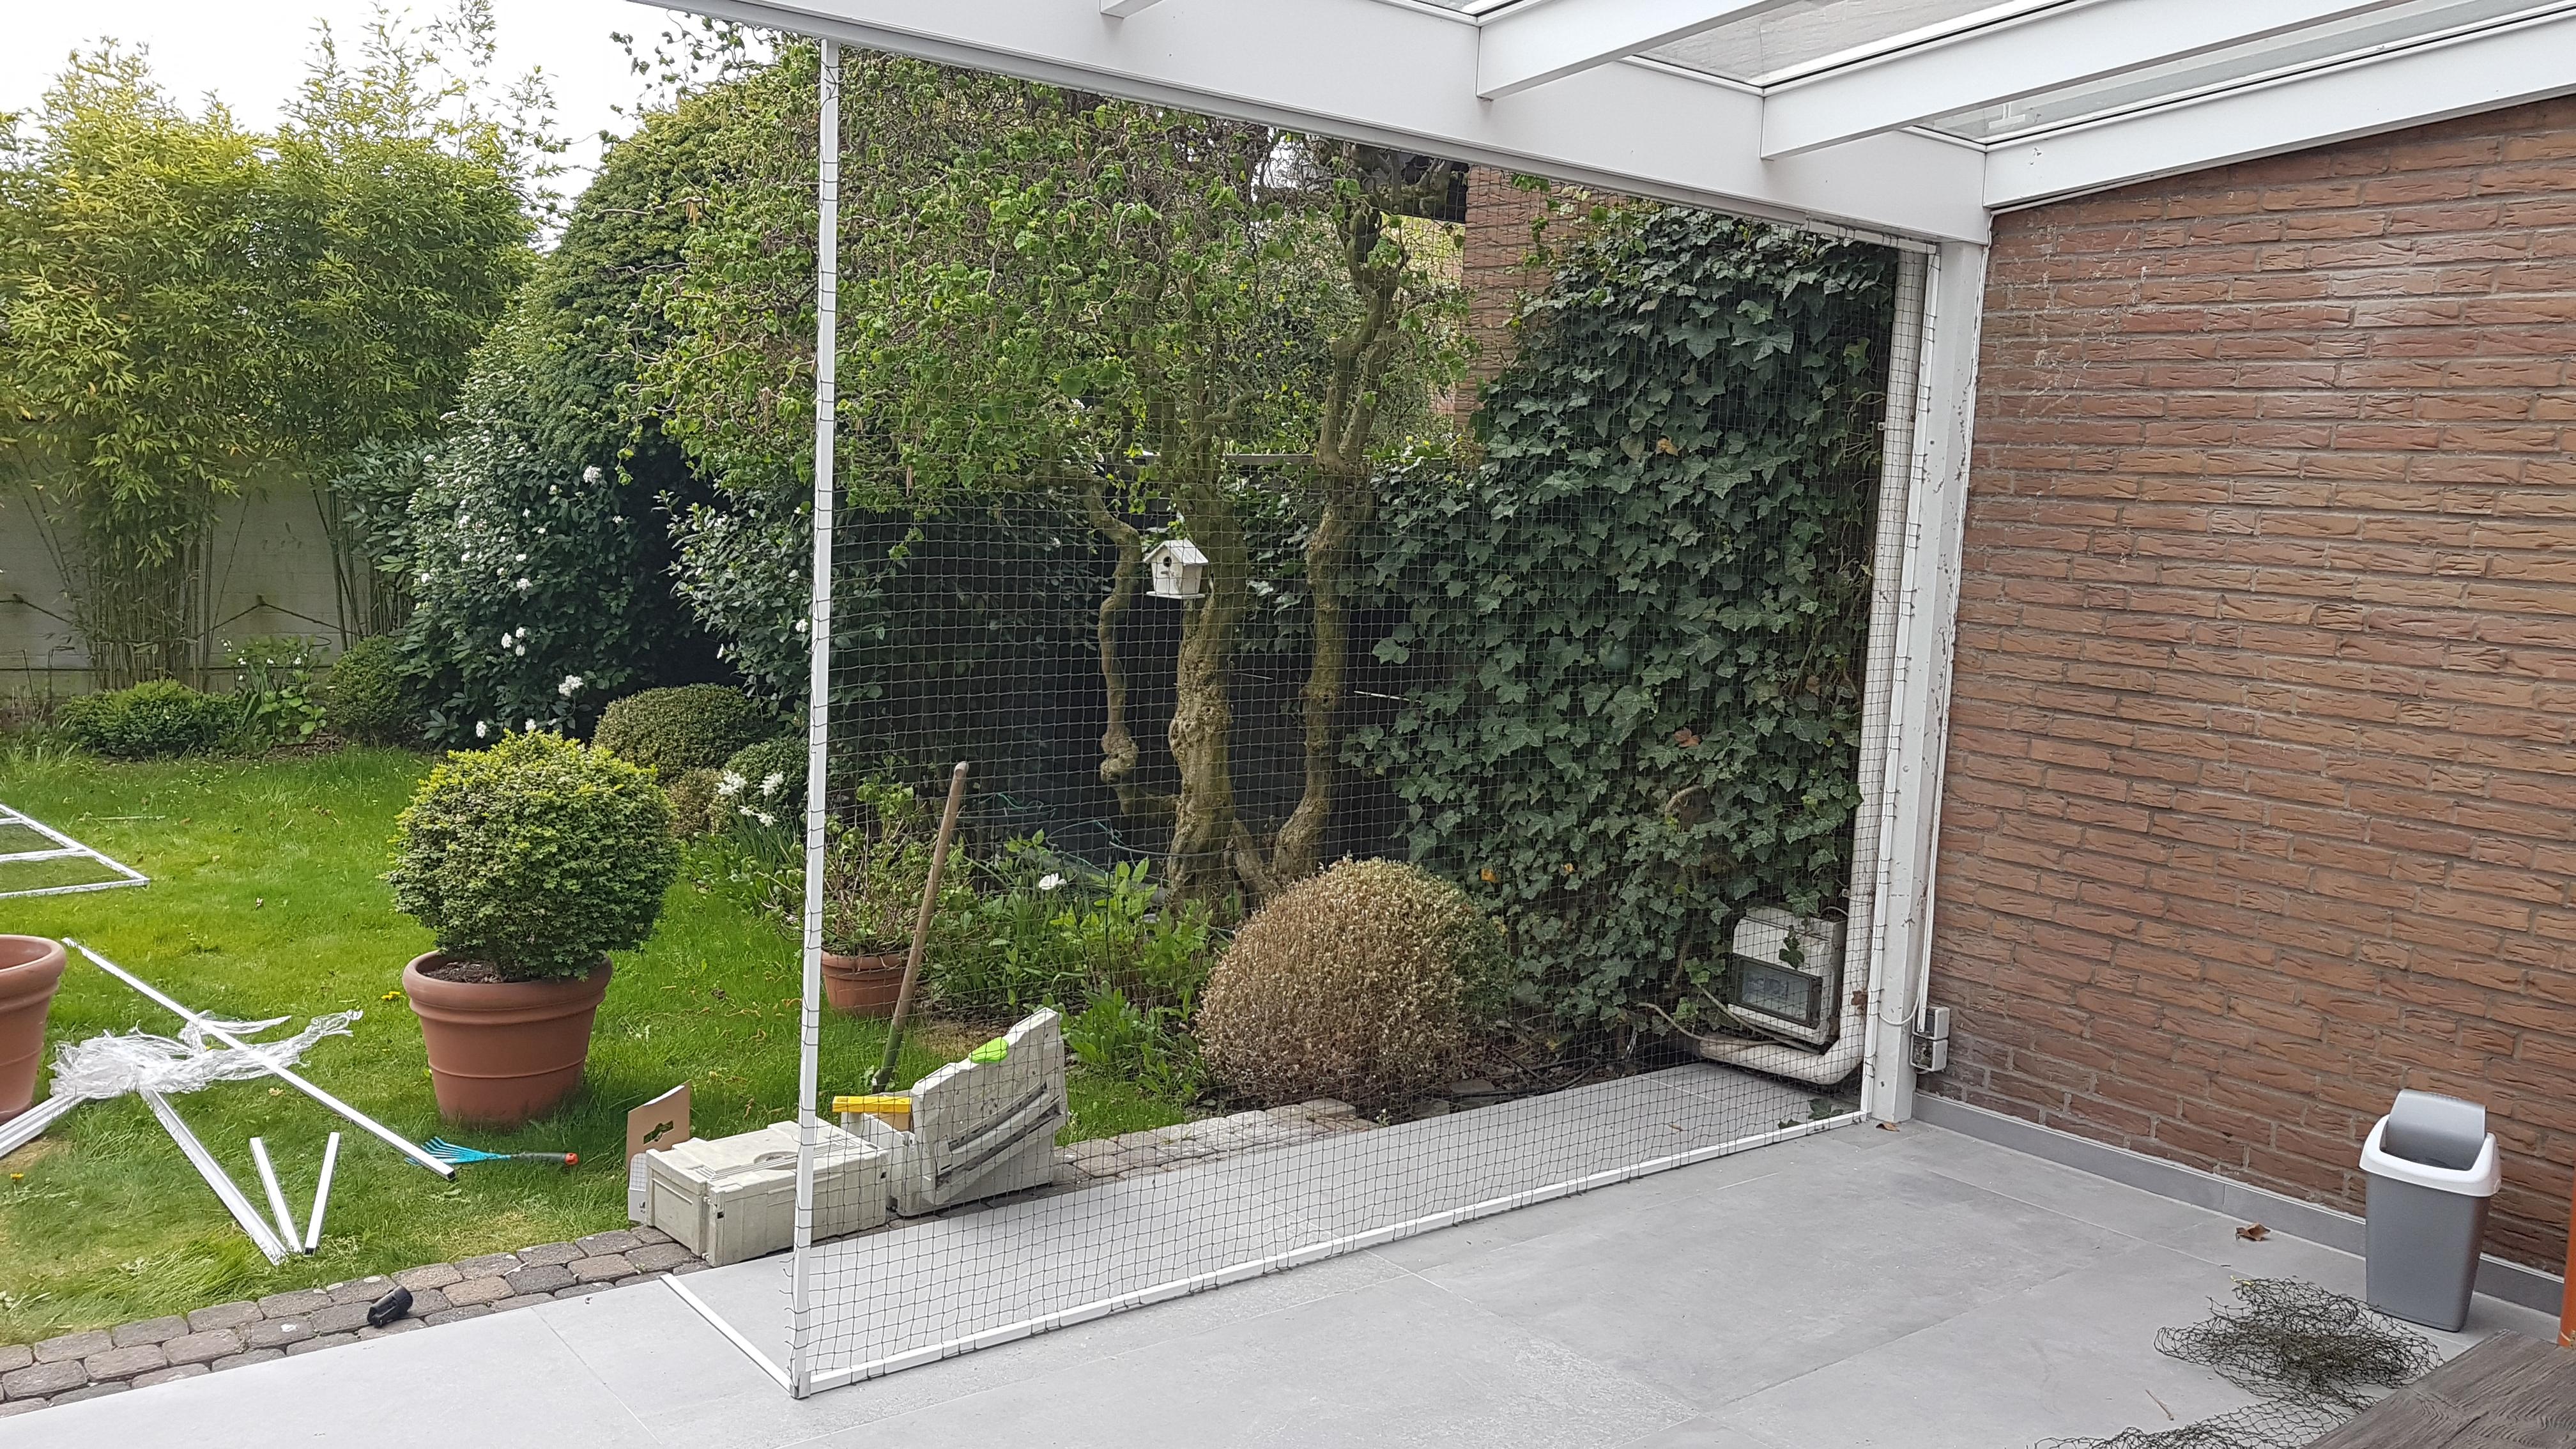 terrasse mit katzennetz zum auf zuschieben vom katzennetz profi katzennetze nrw. Black Bedroom Furniture Sets. Home Design Ideas